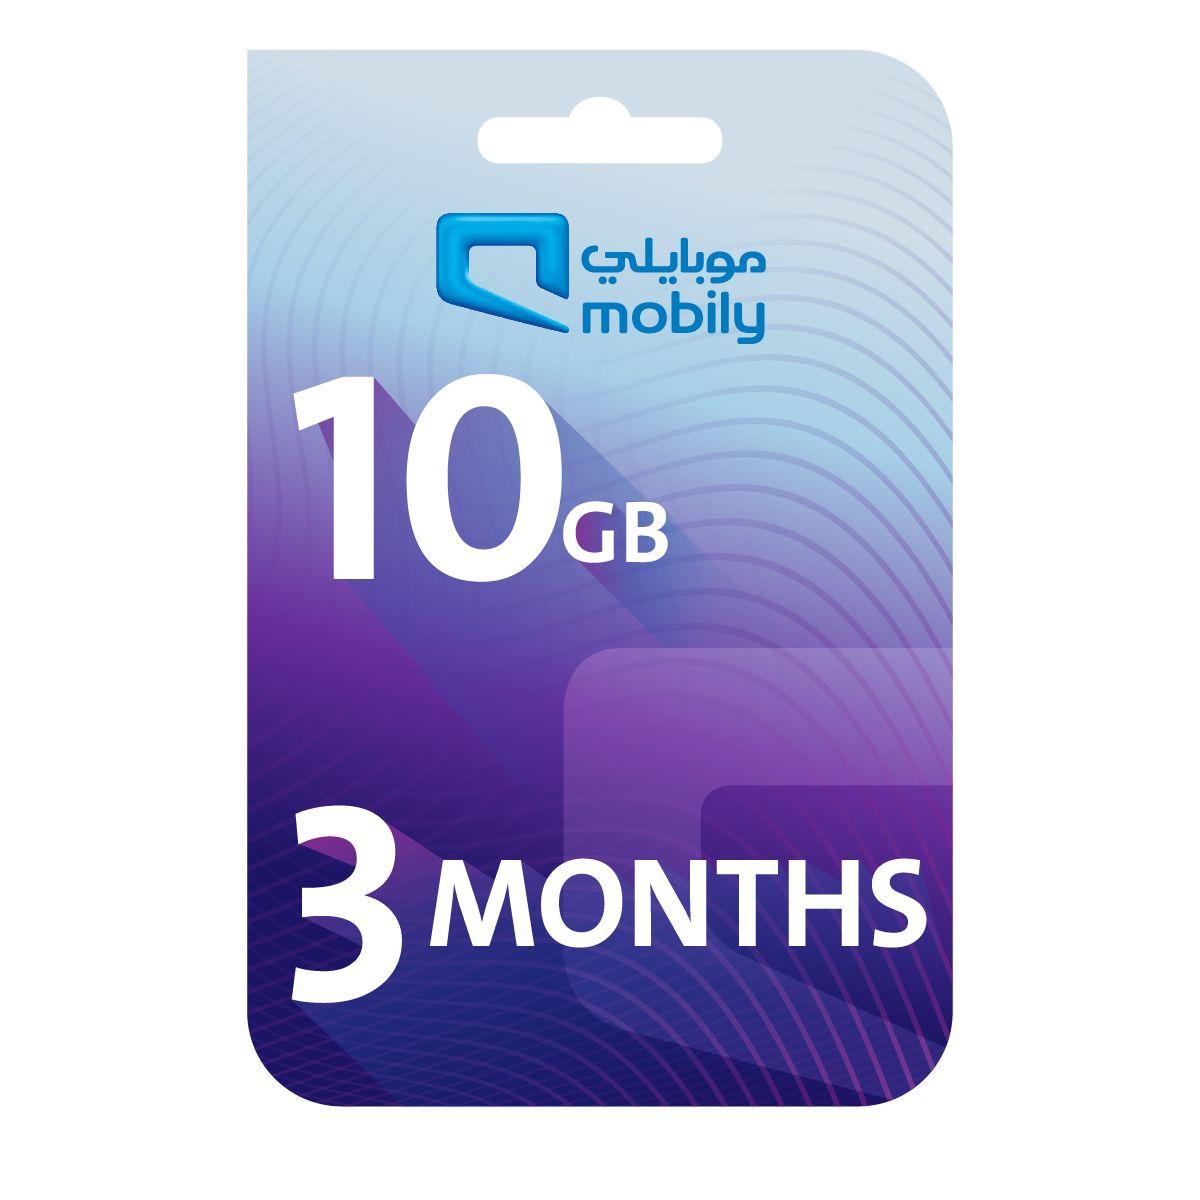 بطاقة اعادة شحن الانترنت 10 جيجا لمدة 3 أشهر Gaming Logos Logos Nintendo